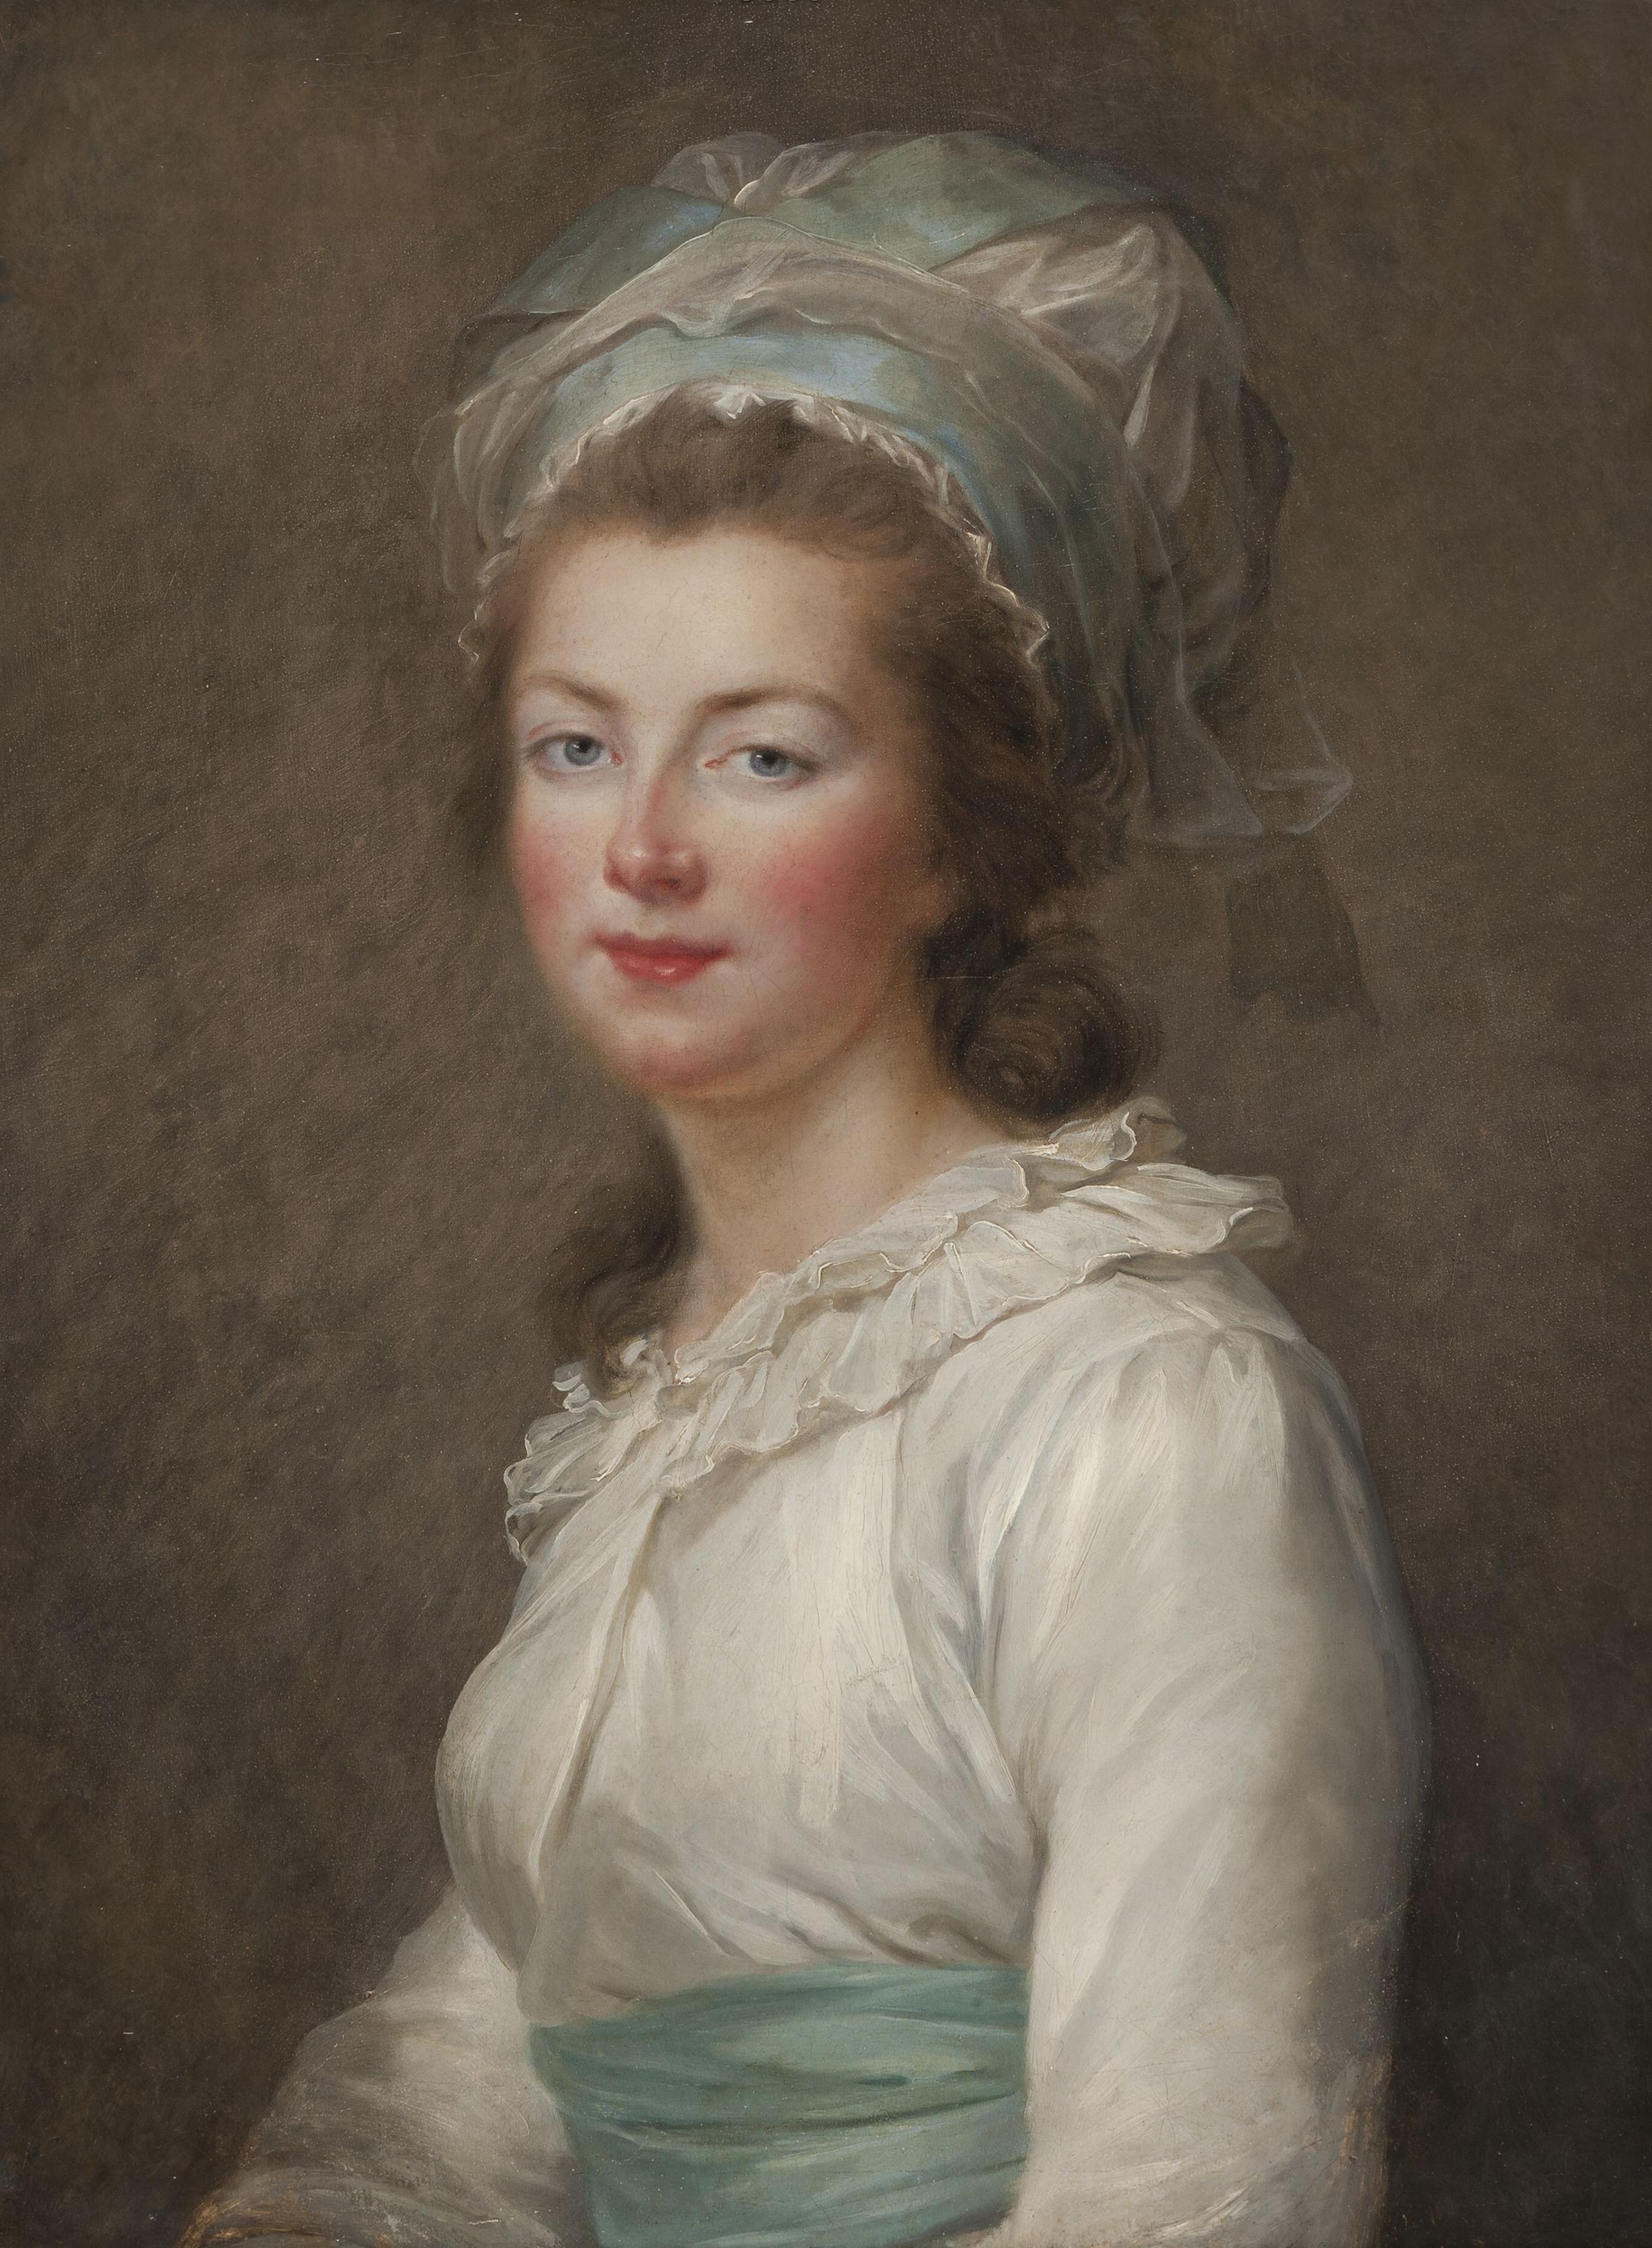 personne guillotinée en 1789